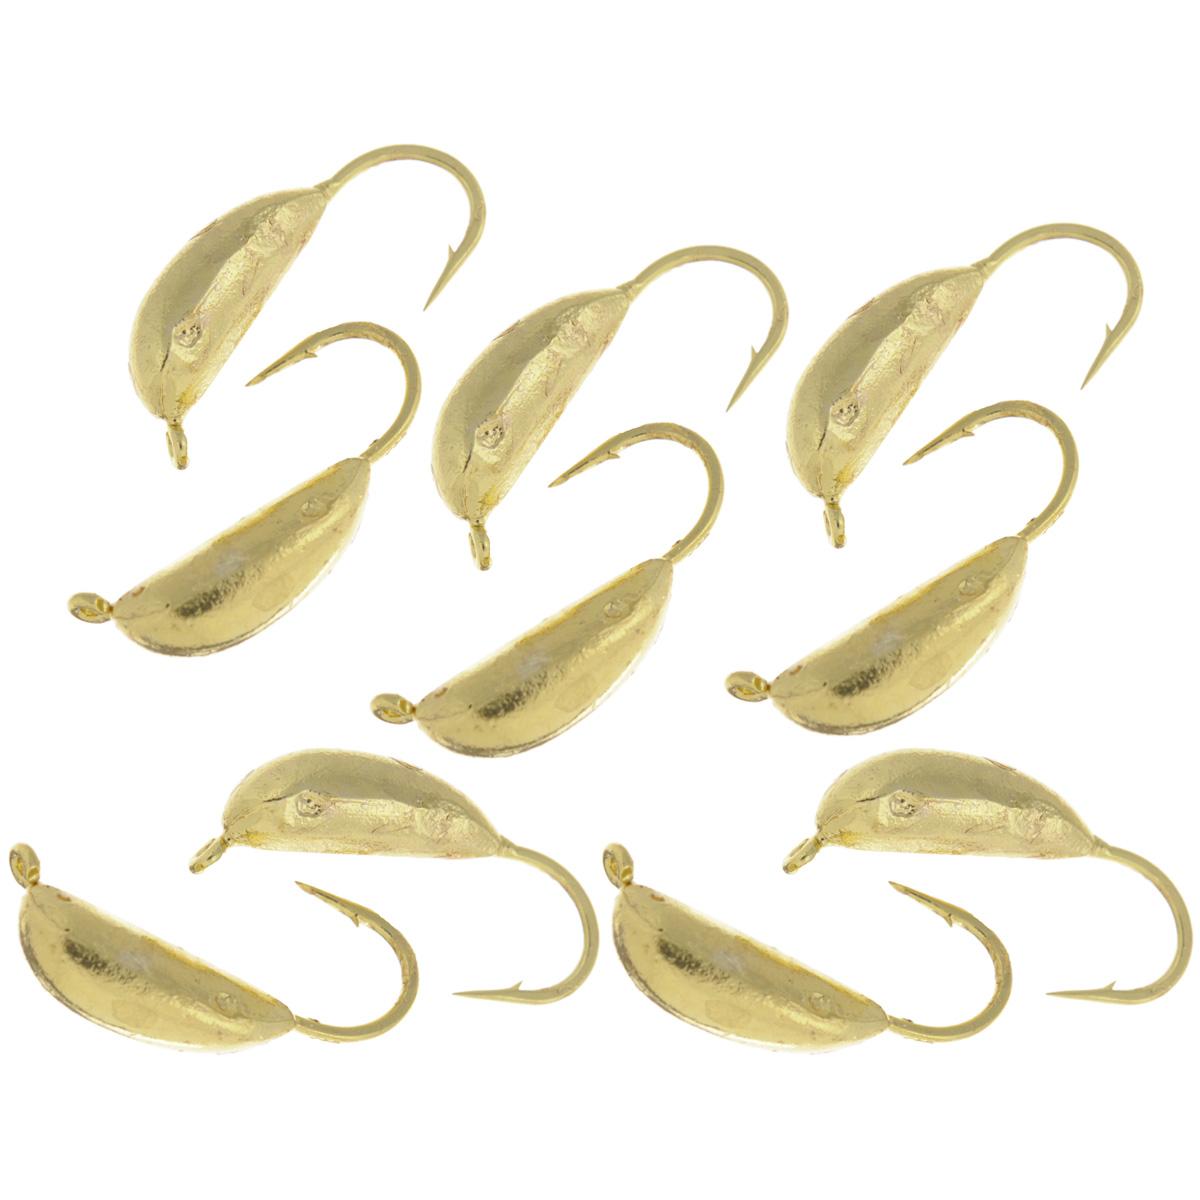 Мормышка вольфрамовая Dixxon-Russia, рижский банан, цвет: золотой, диаметр 4 мм, 0,8 г, 10 штPGPS7797CIS08GBNVМормышка Dixxon-Russia изготовлена из вольфрама и оснащена крючком. Главное достоинство вольфрамовой мормышки - большой вес при малом объеме. Эта особенность дает большие преимущества при ловле, так как позволяет быстро погрузить приманку на требуемую глубину и лучше чувствовать игру мормышки.